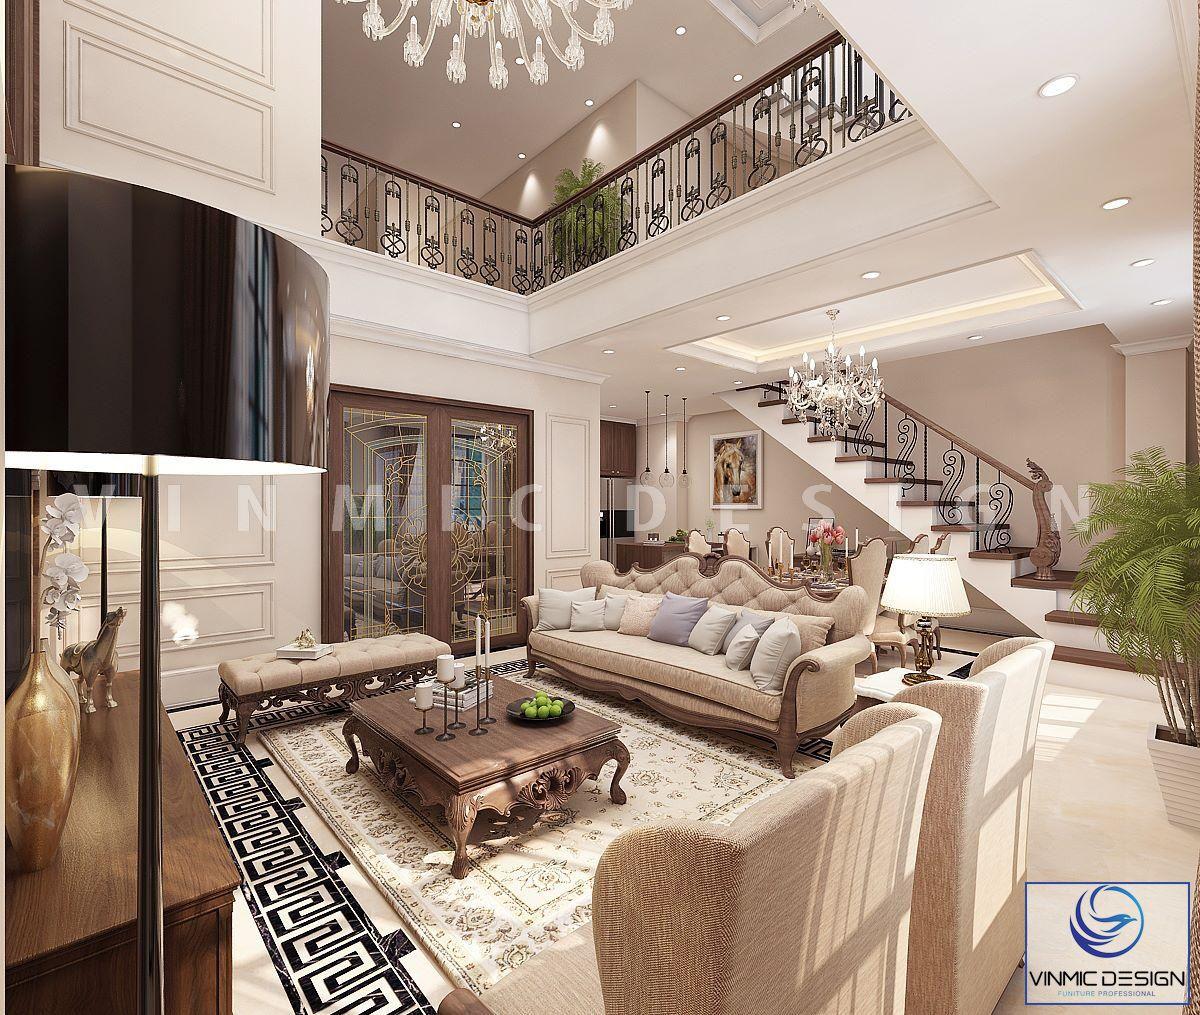 Thiết kế phòng khách biệt thự phong cách tân cổ điển rất rõ nét